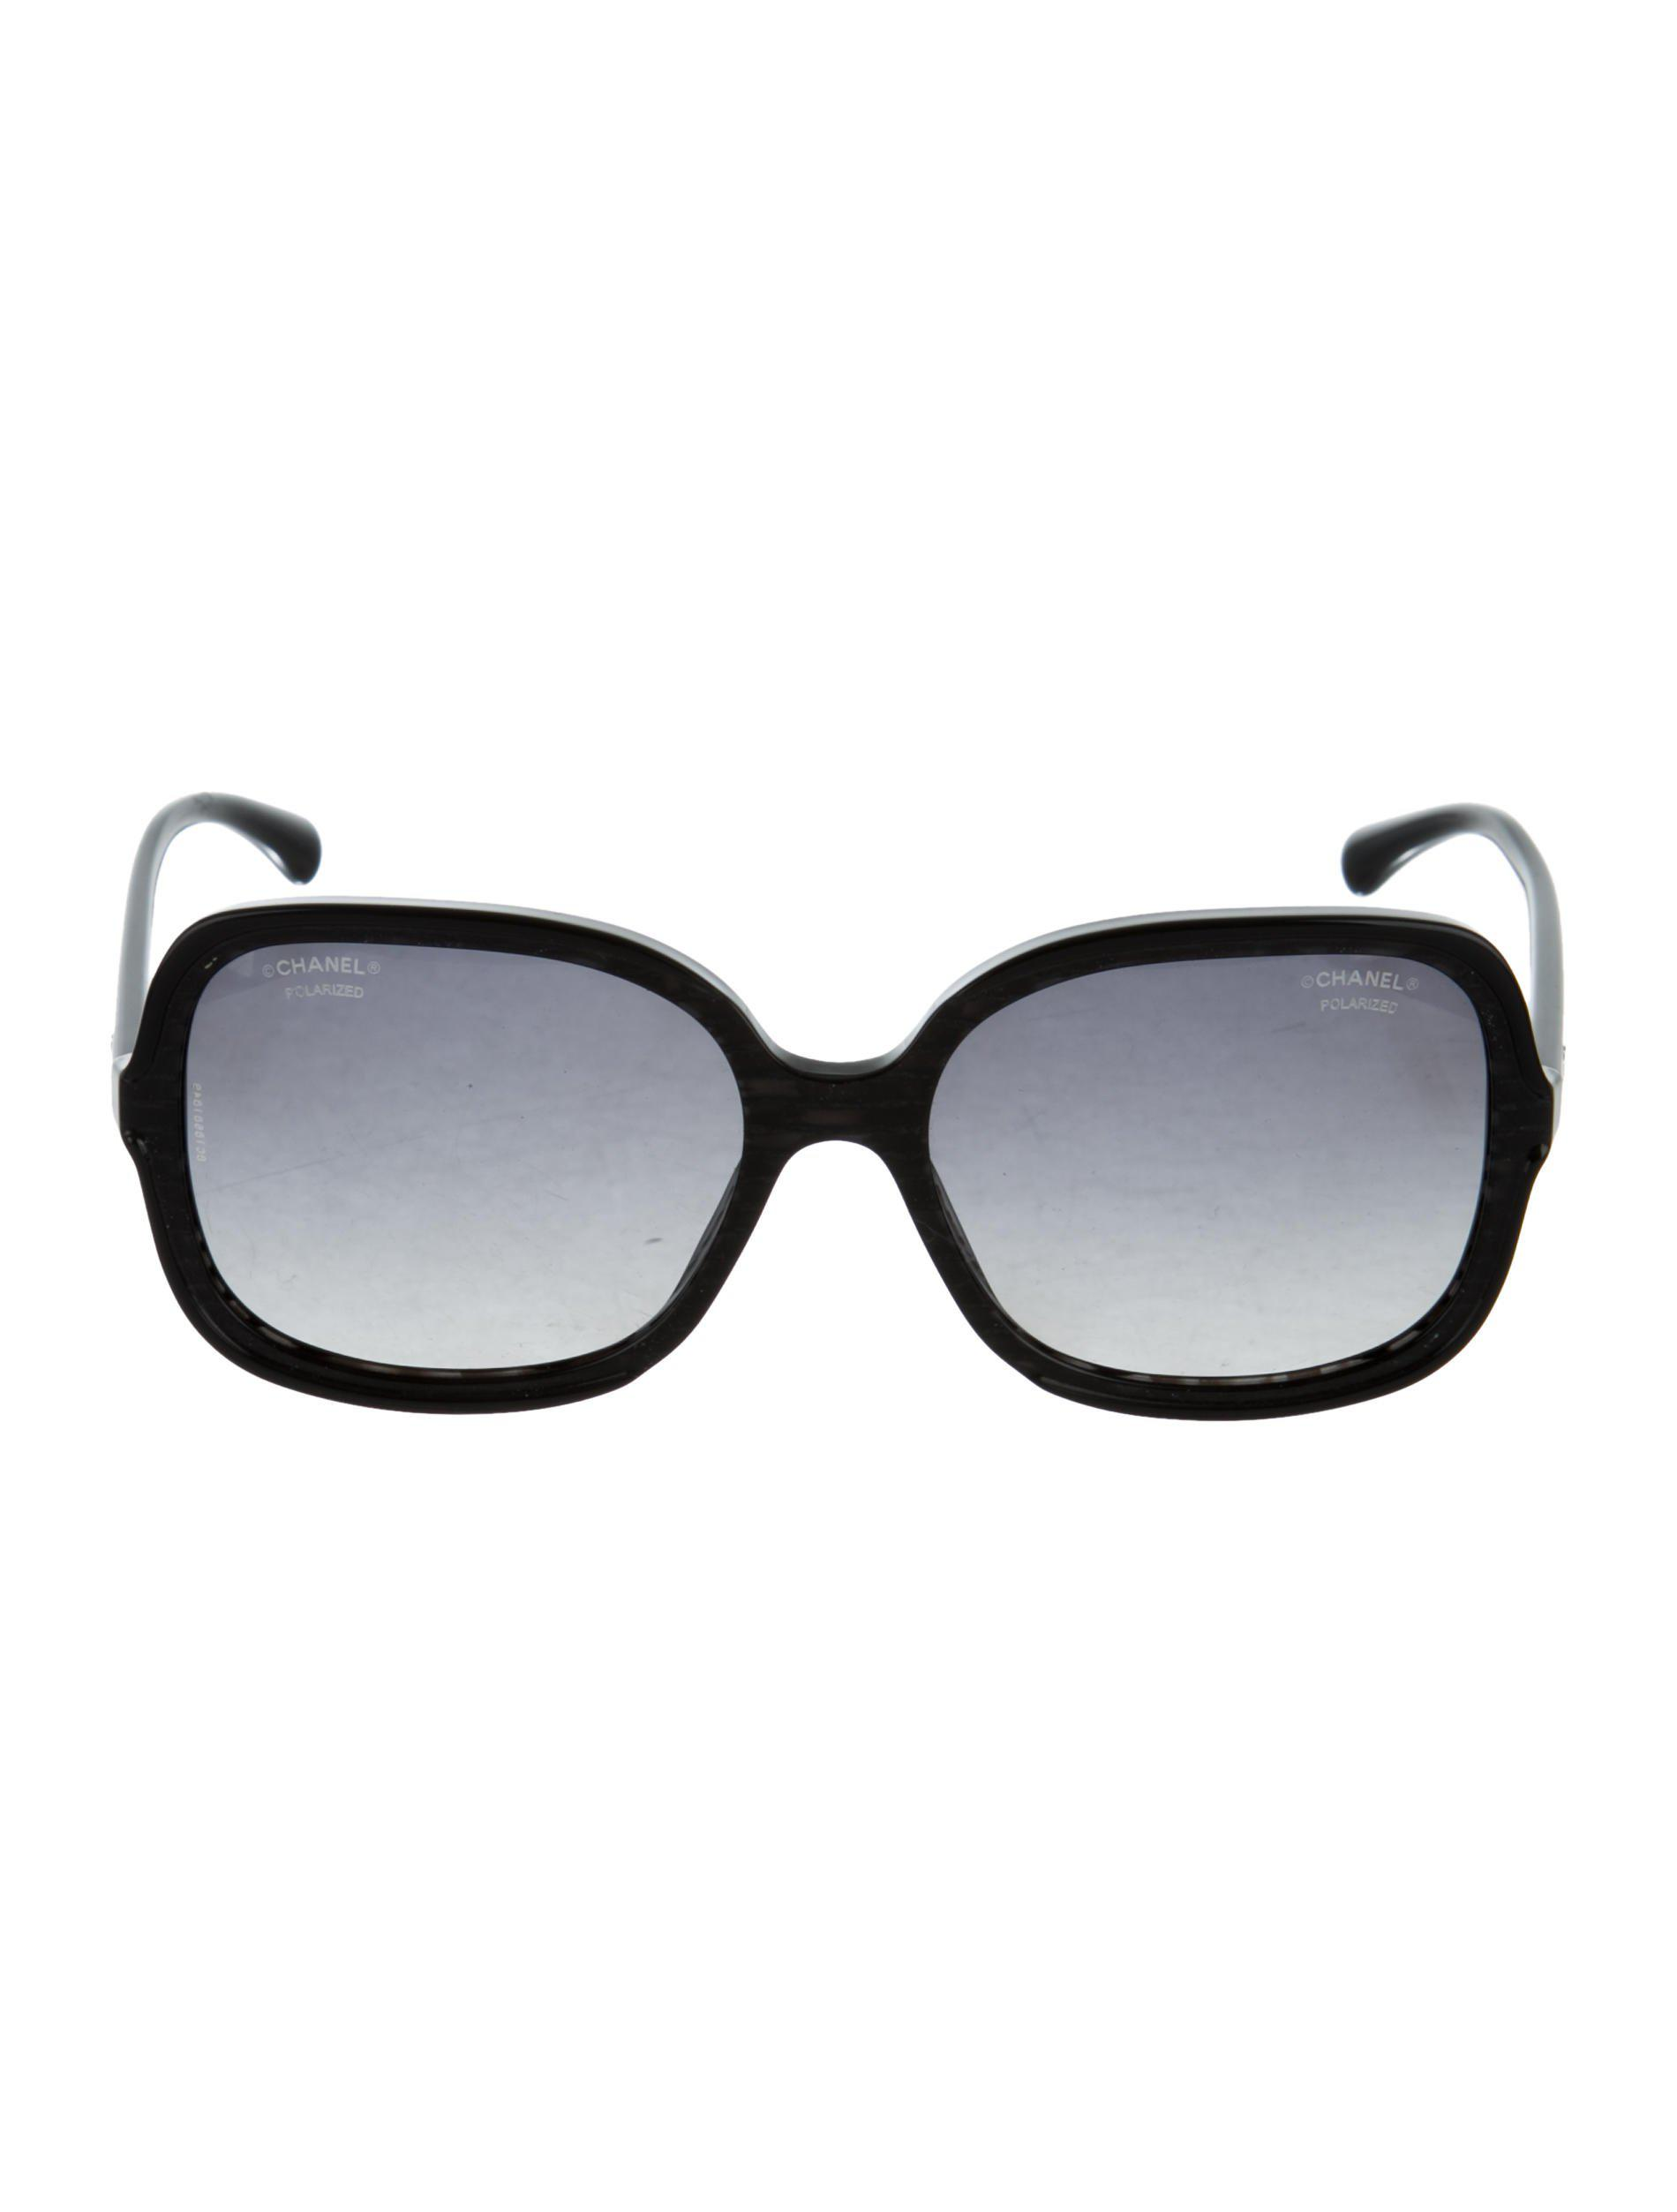 5a82ce913fa6 Lyst - Chanel Polarized Cc Sunglasses Black in Metallic